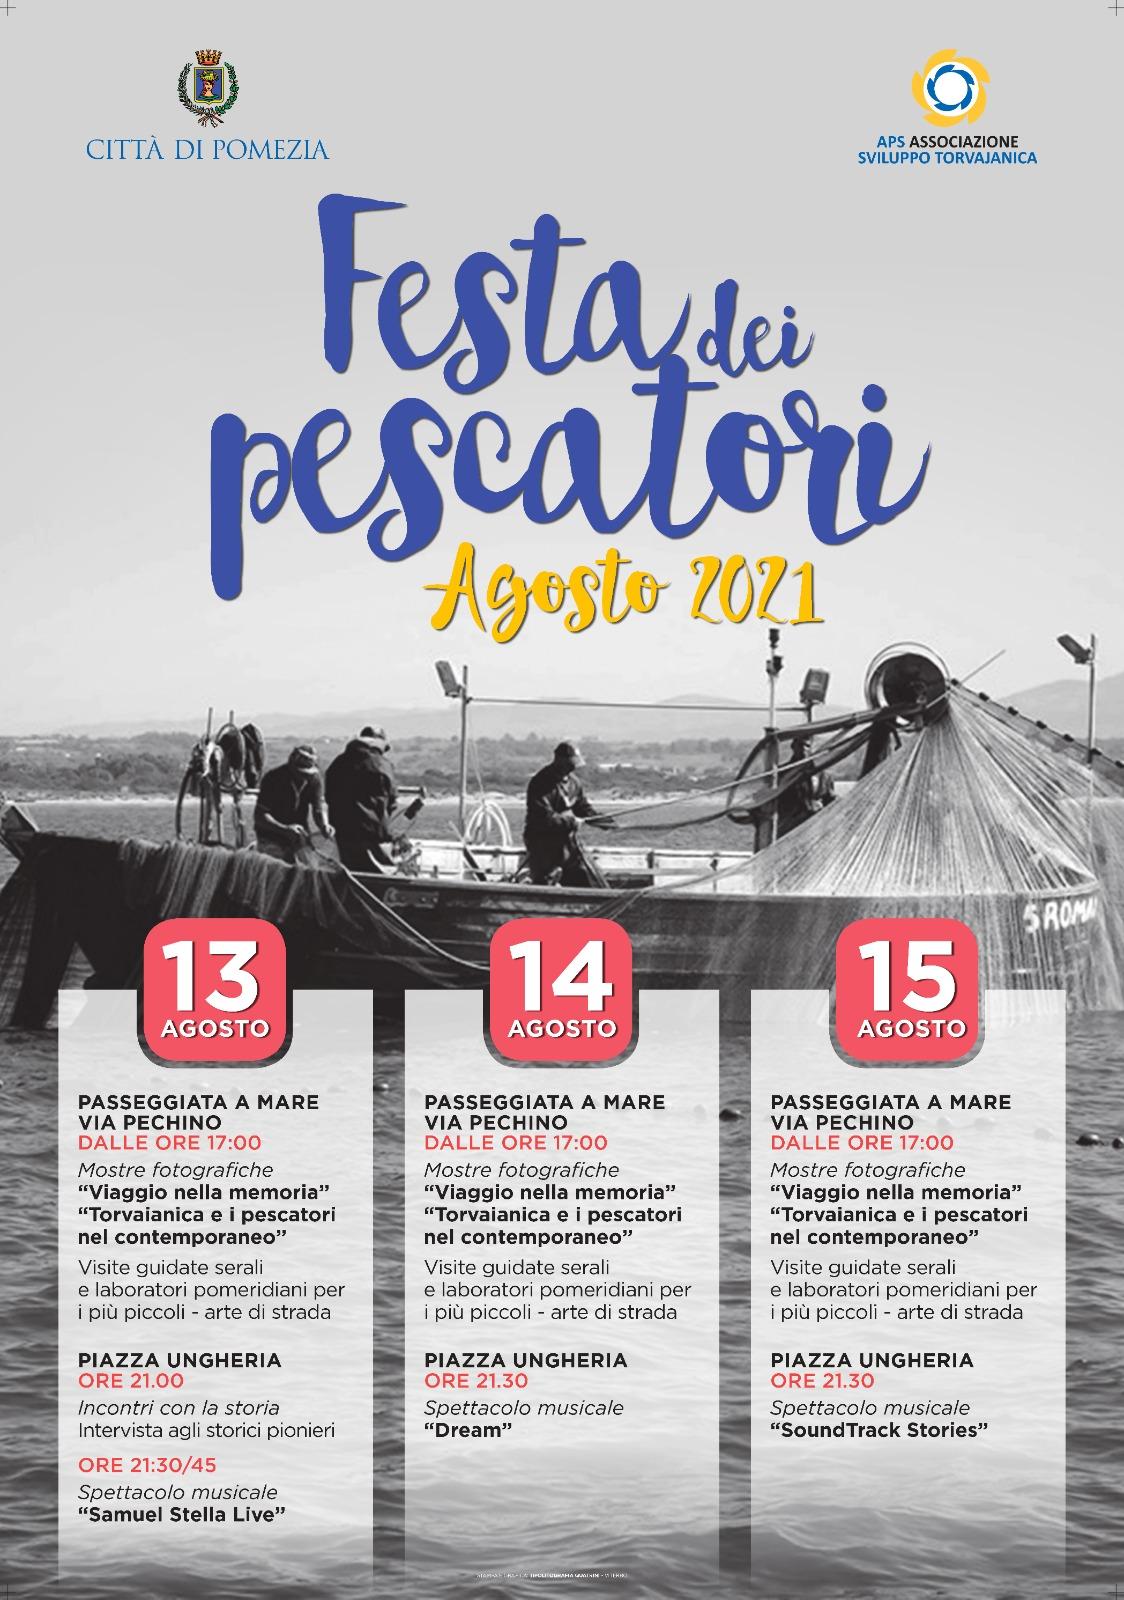 Torvaianica, al via la Festa dei Pescatori: una tre giorni dedicata alla tradizione con musica, mostre, artisti di strada e racconti storici. Appuntamento il 13, 14 e 15 agosto